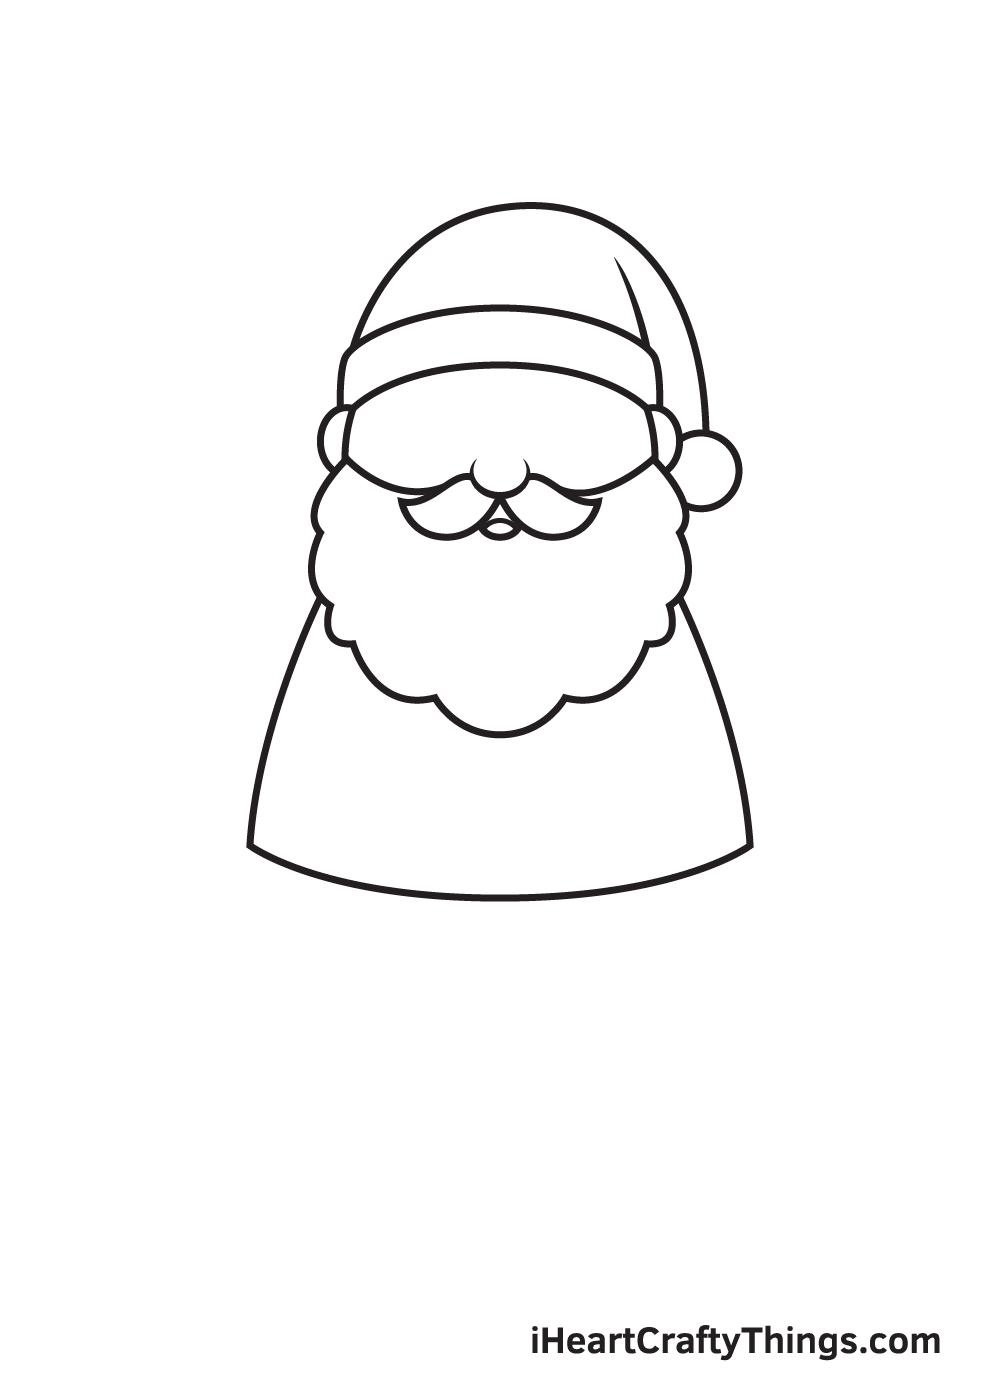 Santa Claus Drawing – Step 4